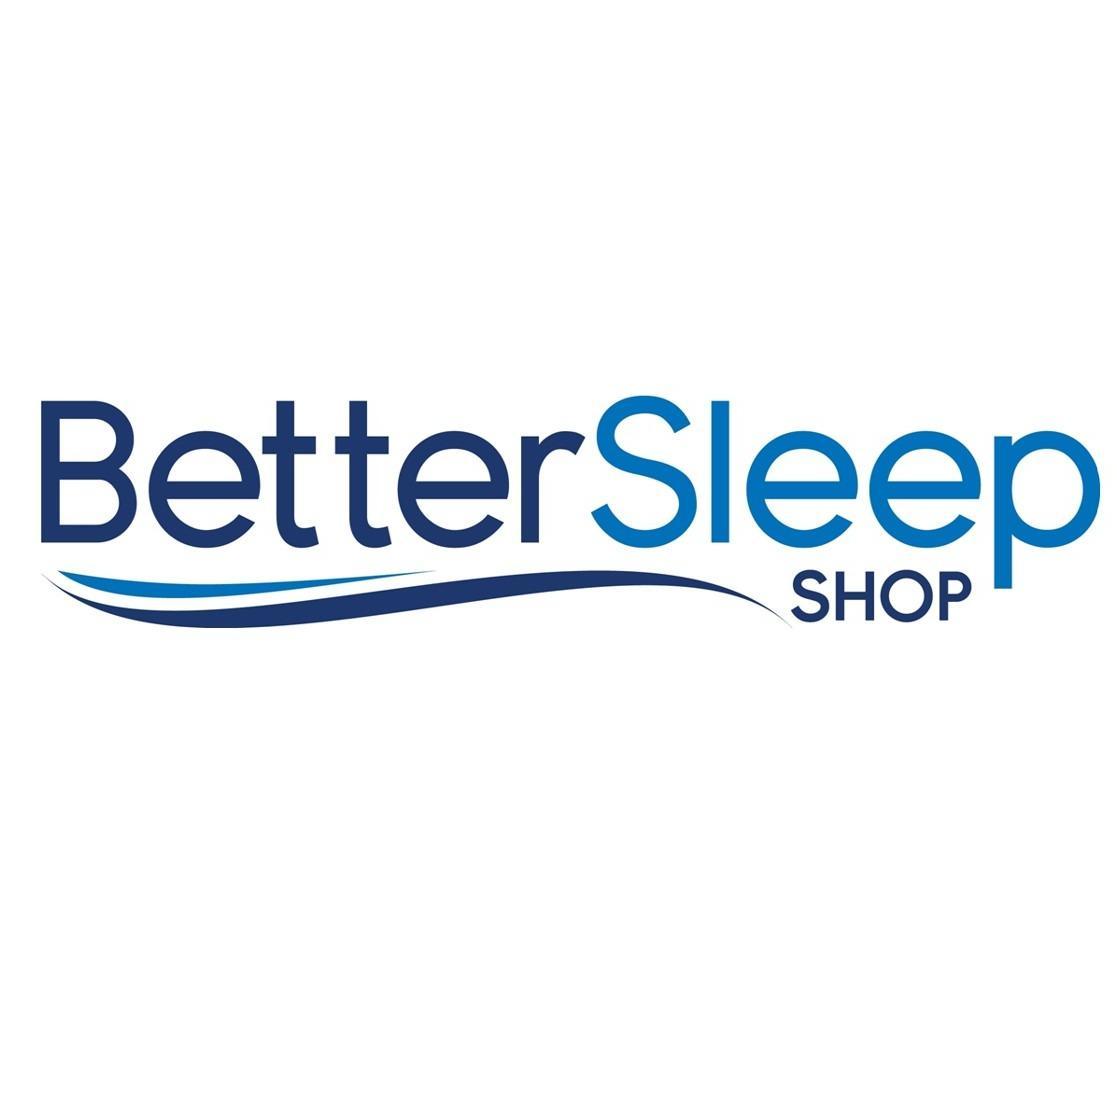 Better Sleep Shop